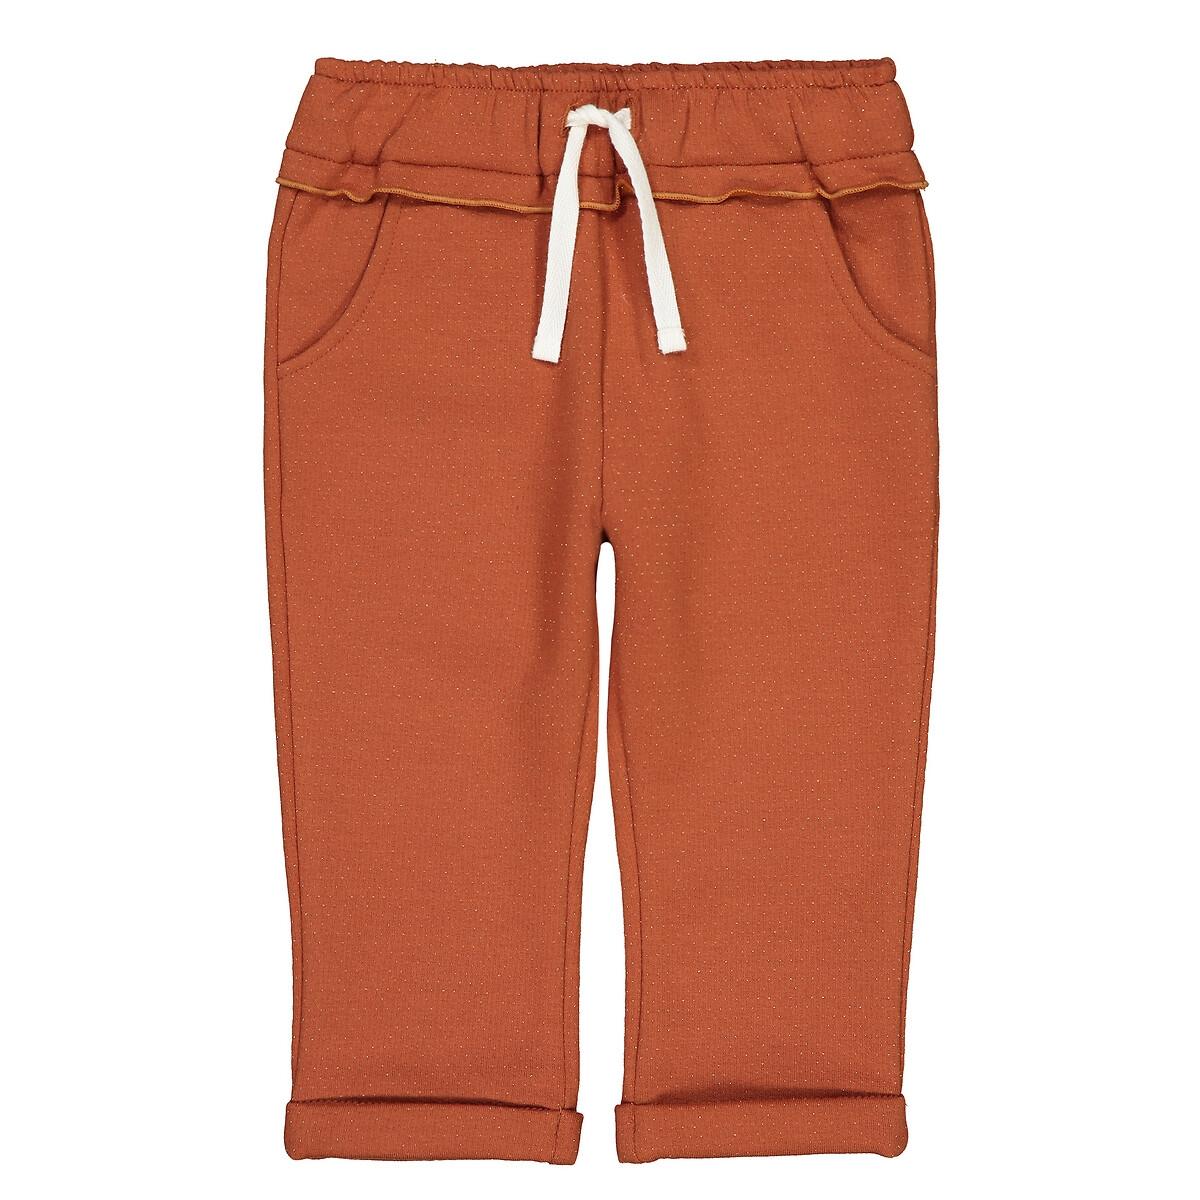 Штанишки LaRedoute Из мольтона 1 мес-4 года 6 мес. - 67 см оранжевый брюки laredoute из мольтона с бантом 1 мес 3 года 9 мес 71 см розовый